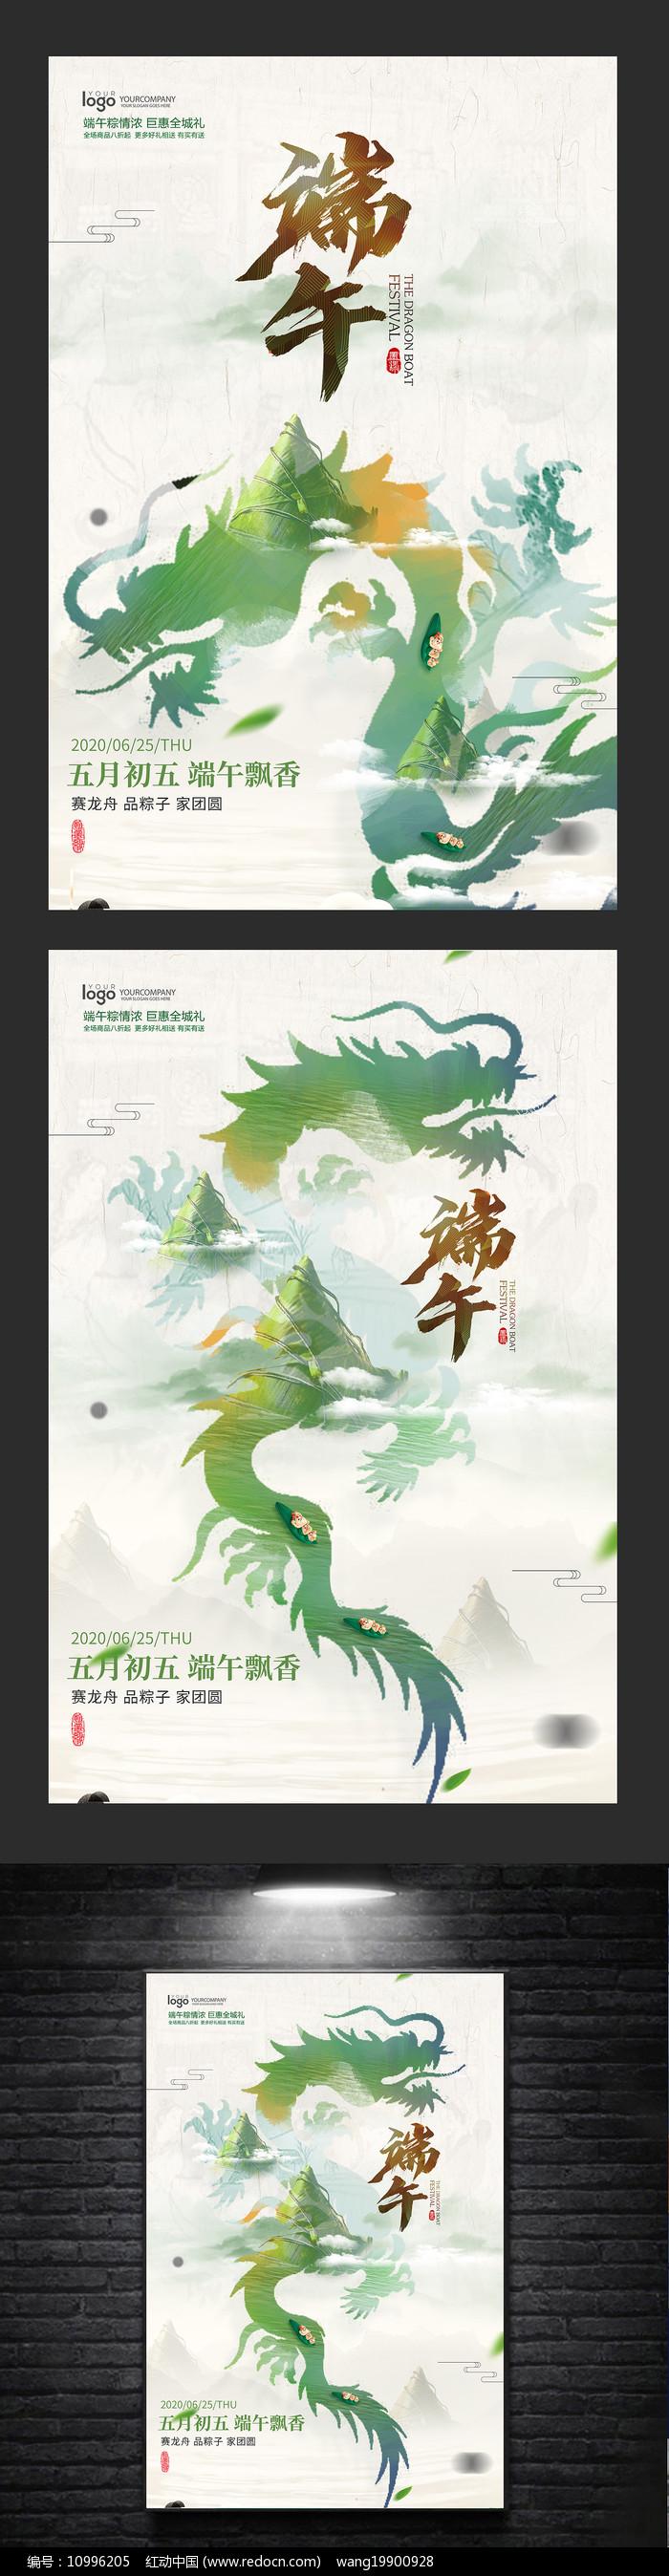 创意中国风端午节海报设计图片